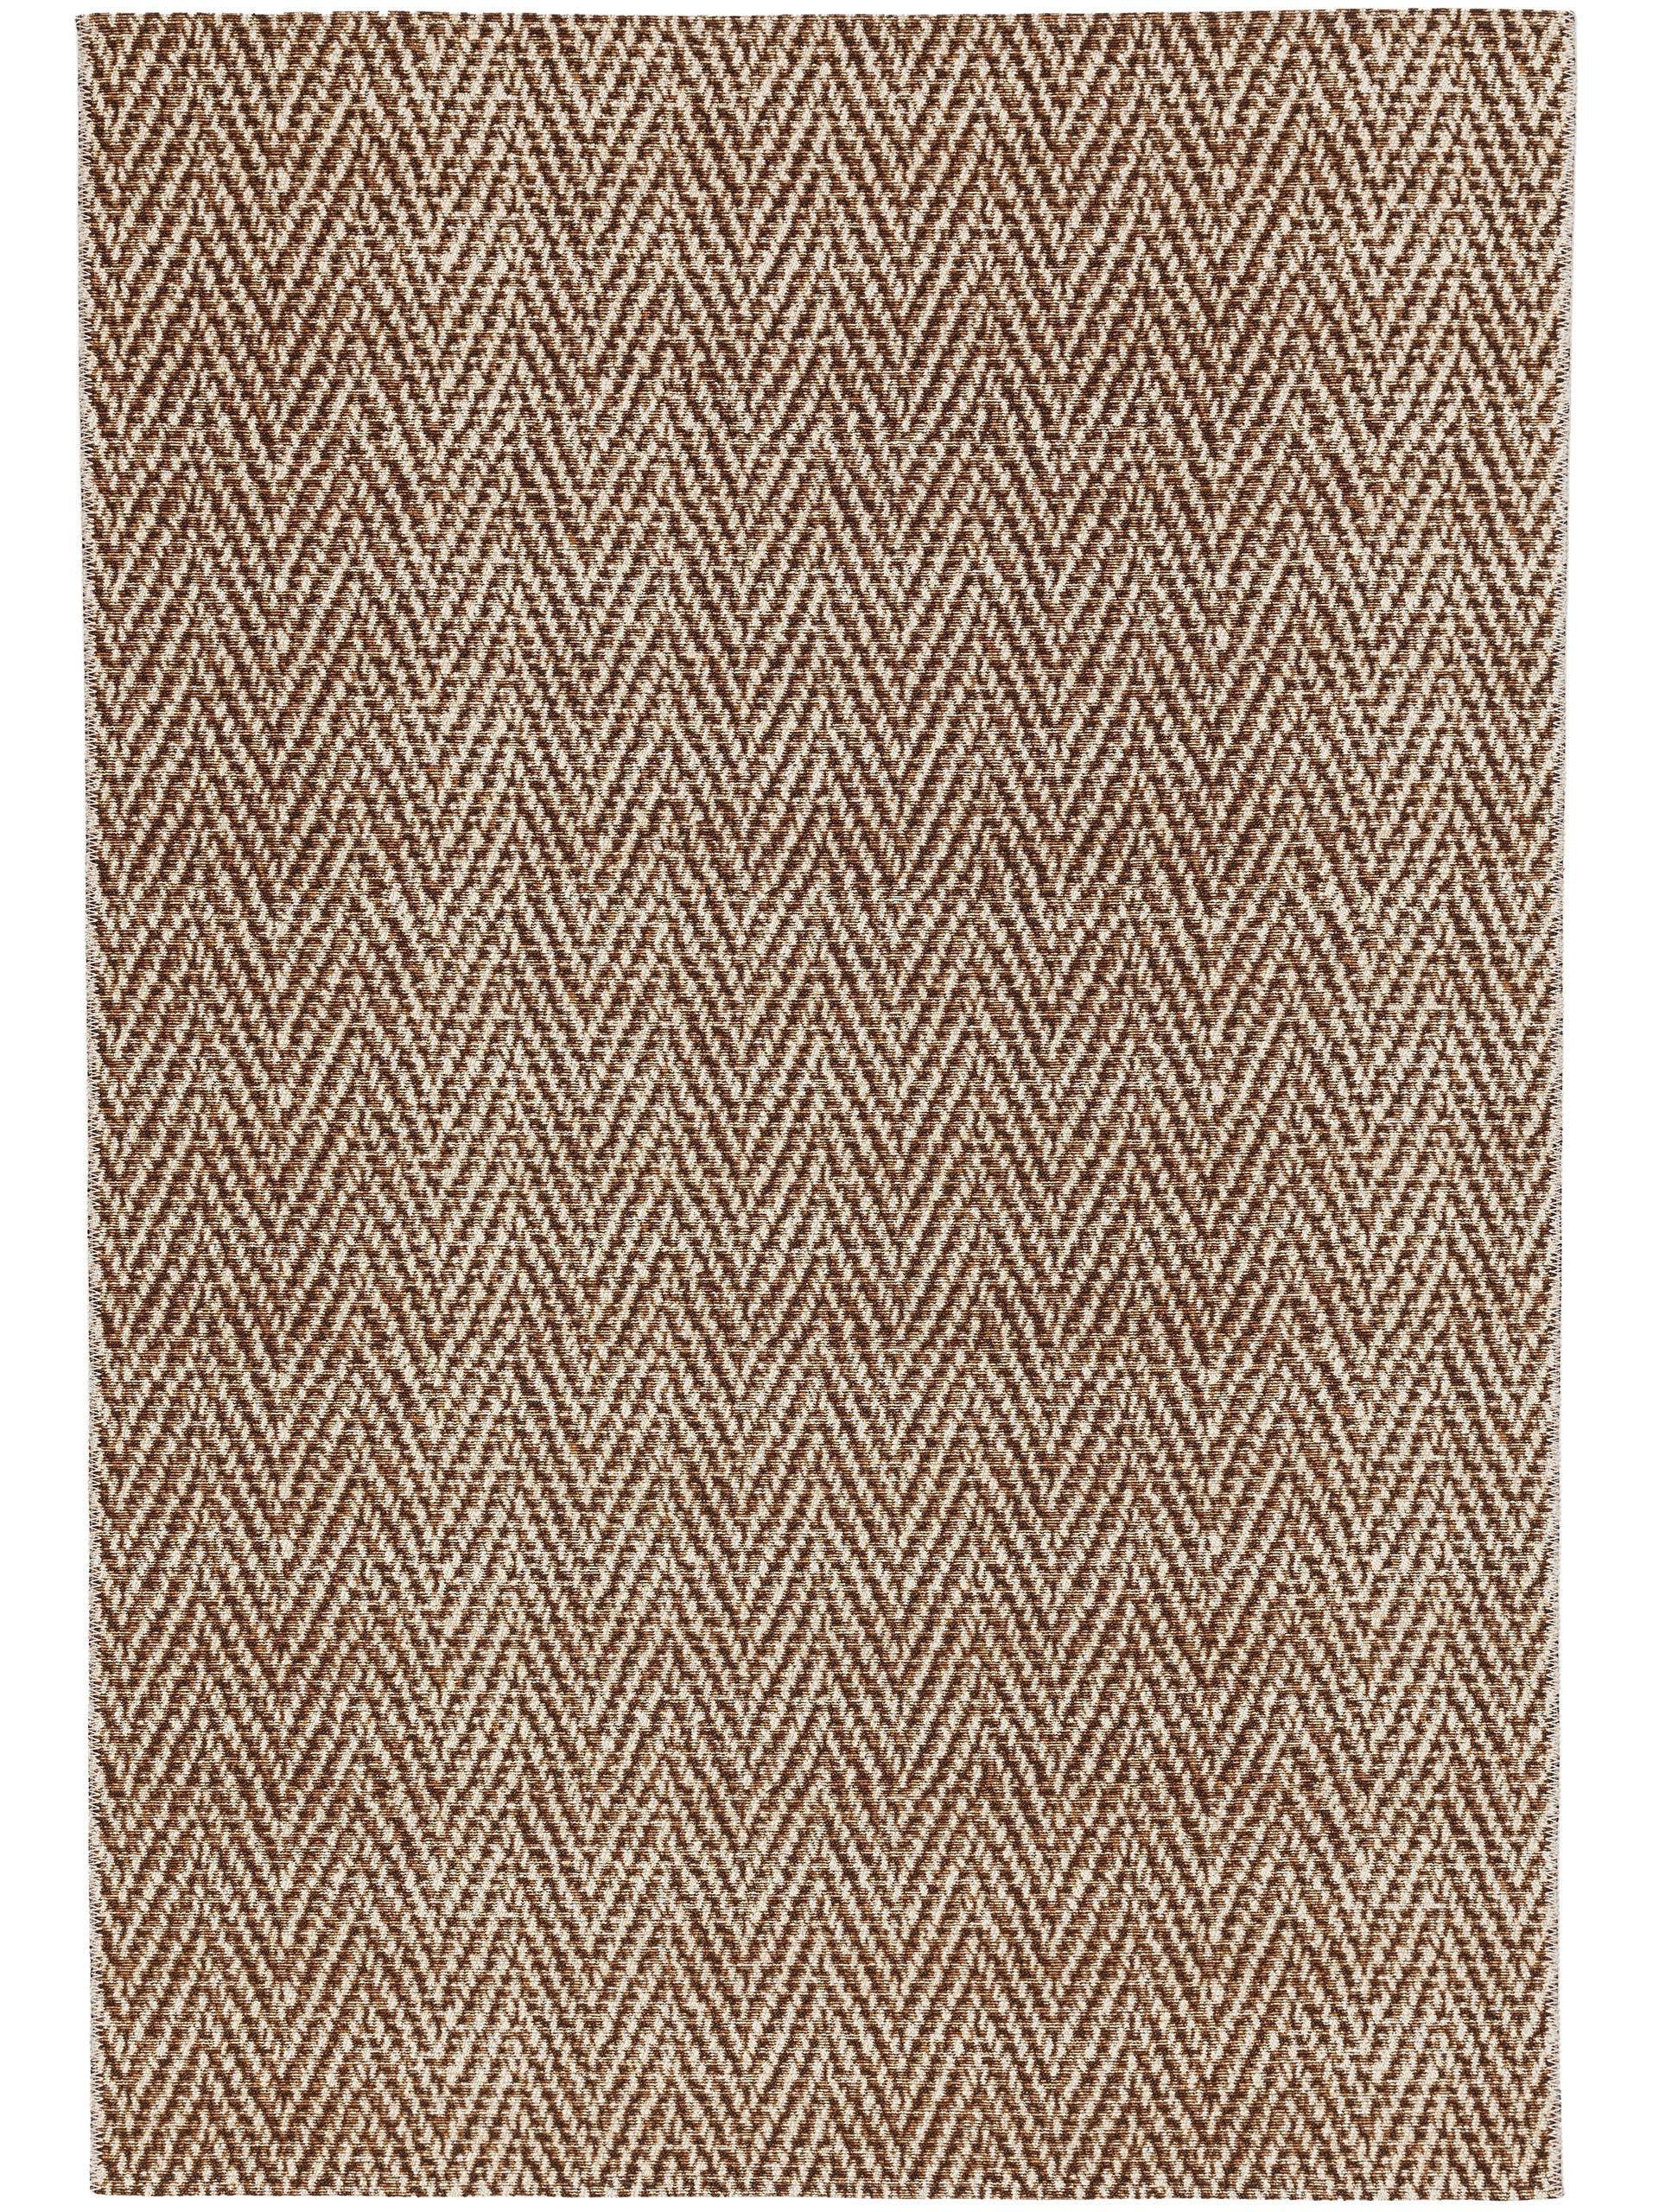 Tapis d'extérieur & intérieur crème/beige 160x235